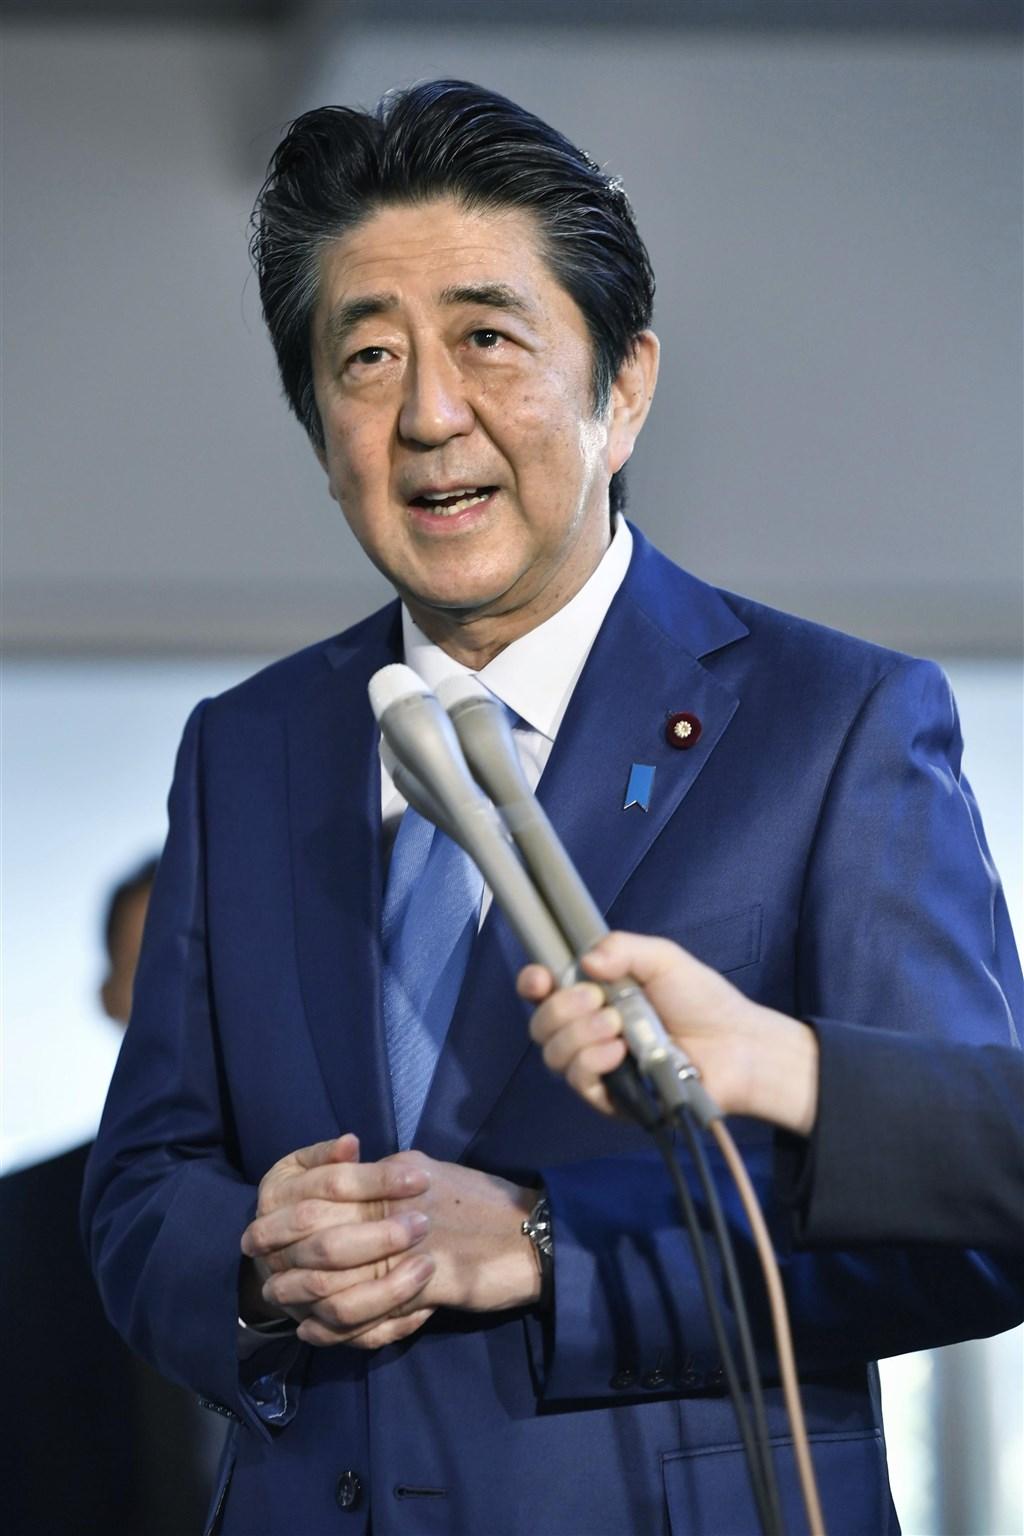 日本首相安倍晉三擔任首相2887天,創日本憲政史上任期最長紀錄。(共同社提供)